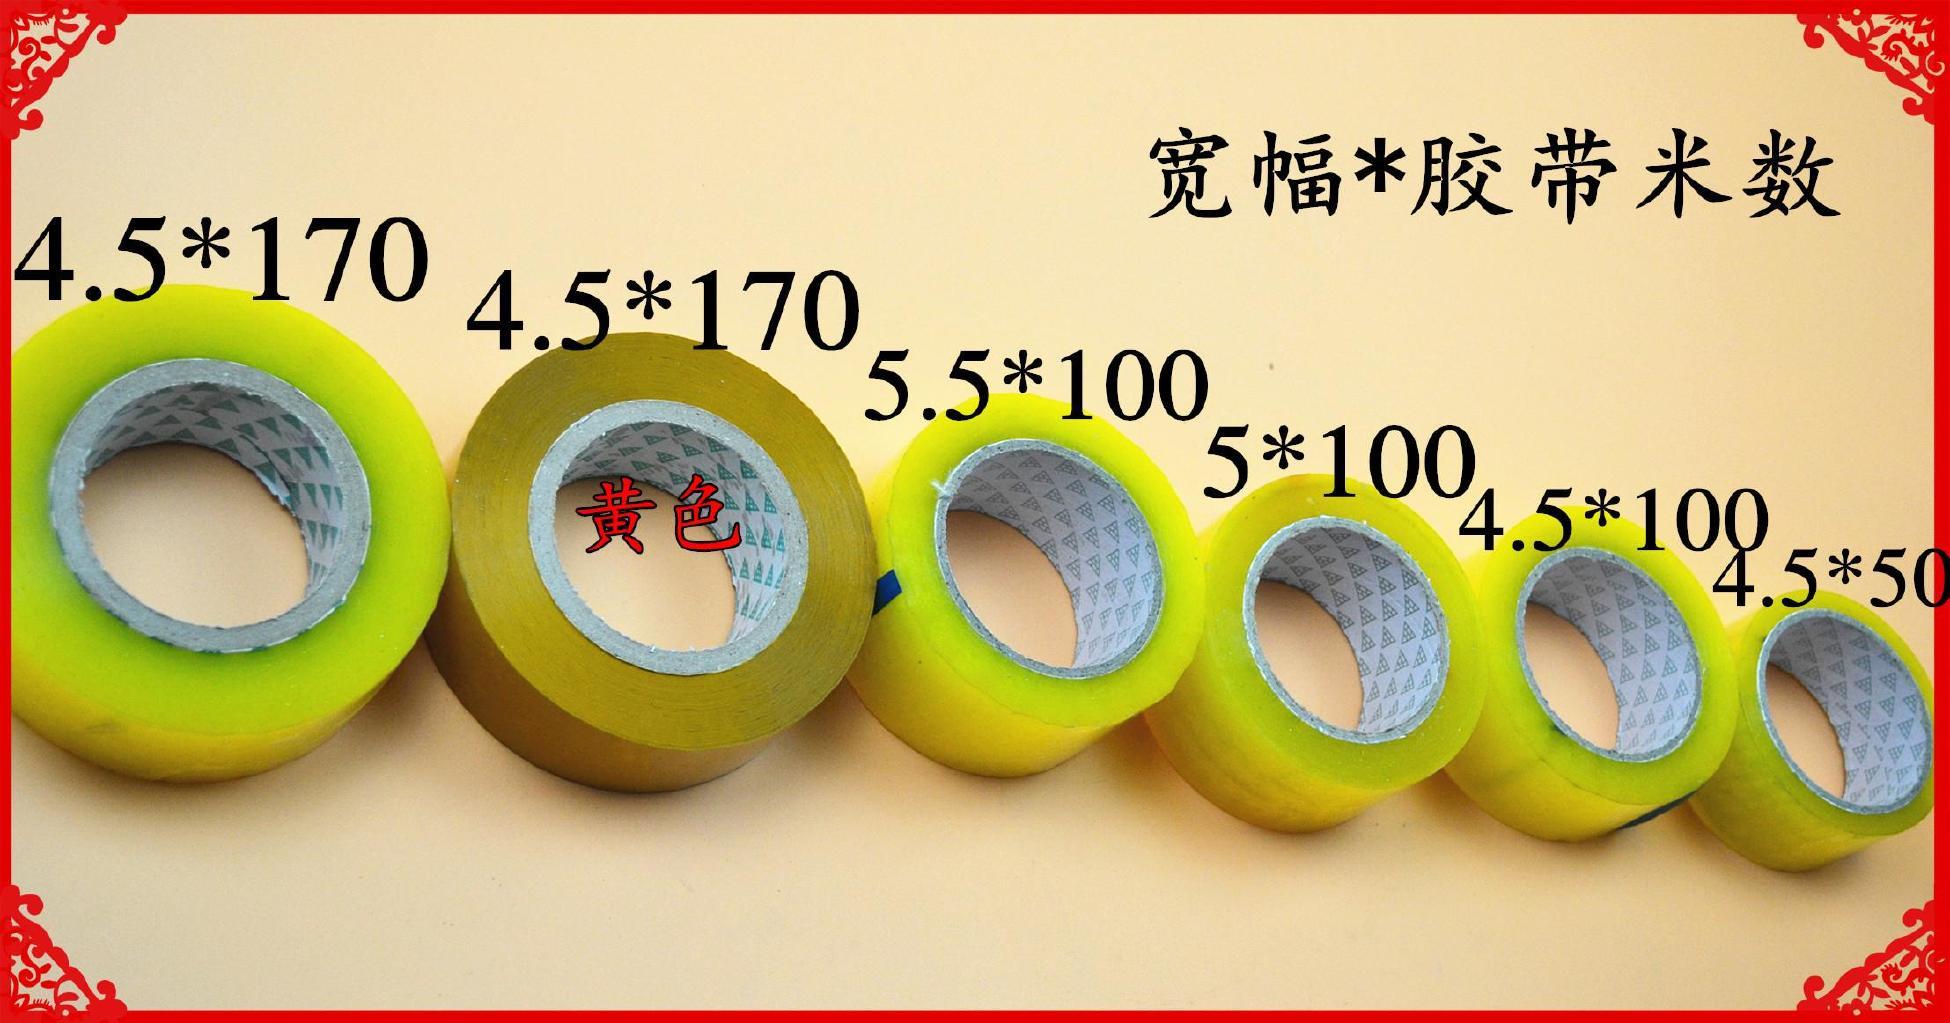 高粘度透明、黄色胶带4cm宽肉厚2.5cm封箱打包胶纸封口胶带批发示例图7